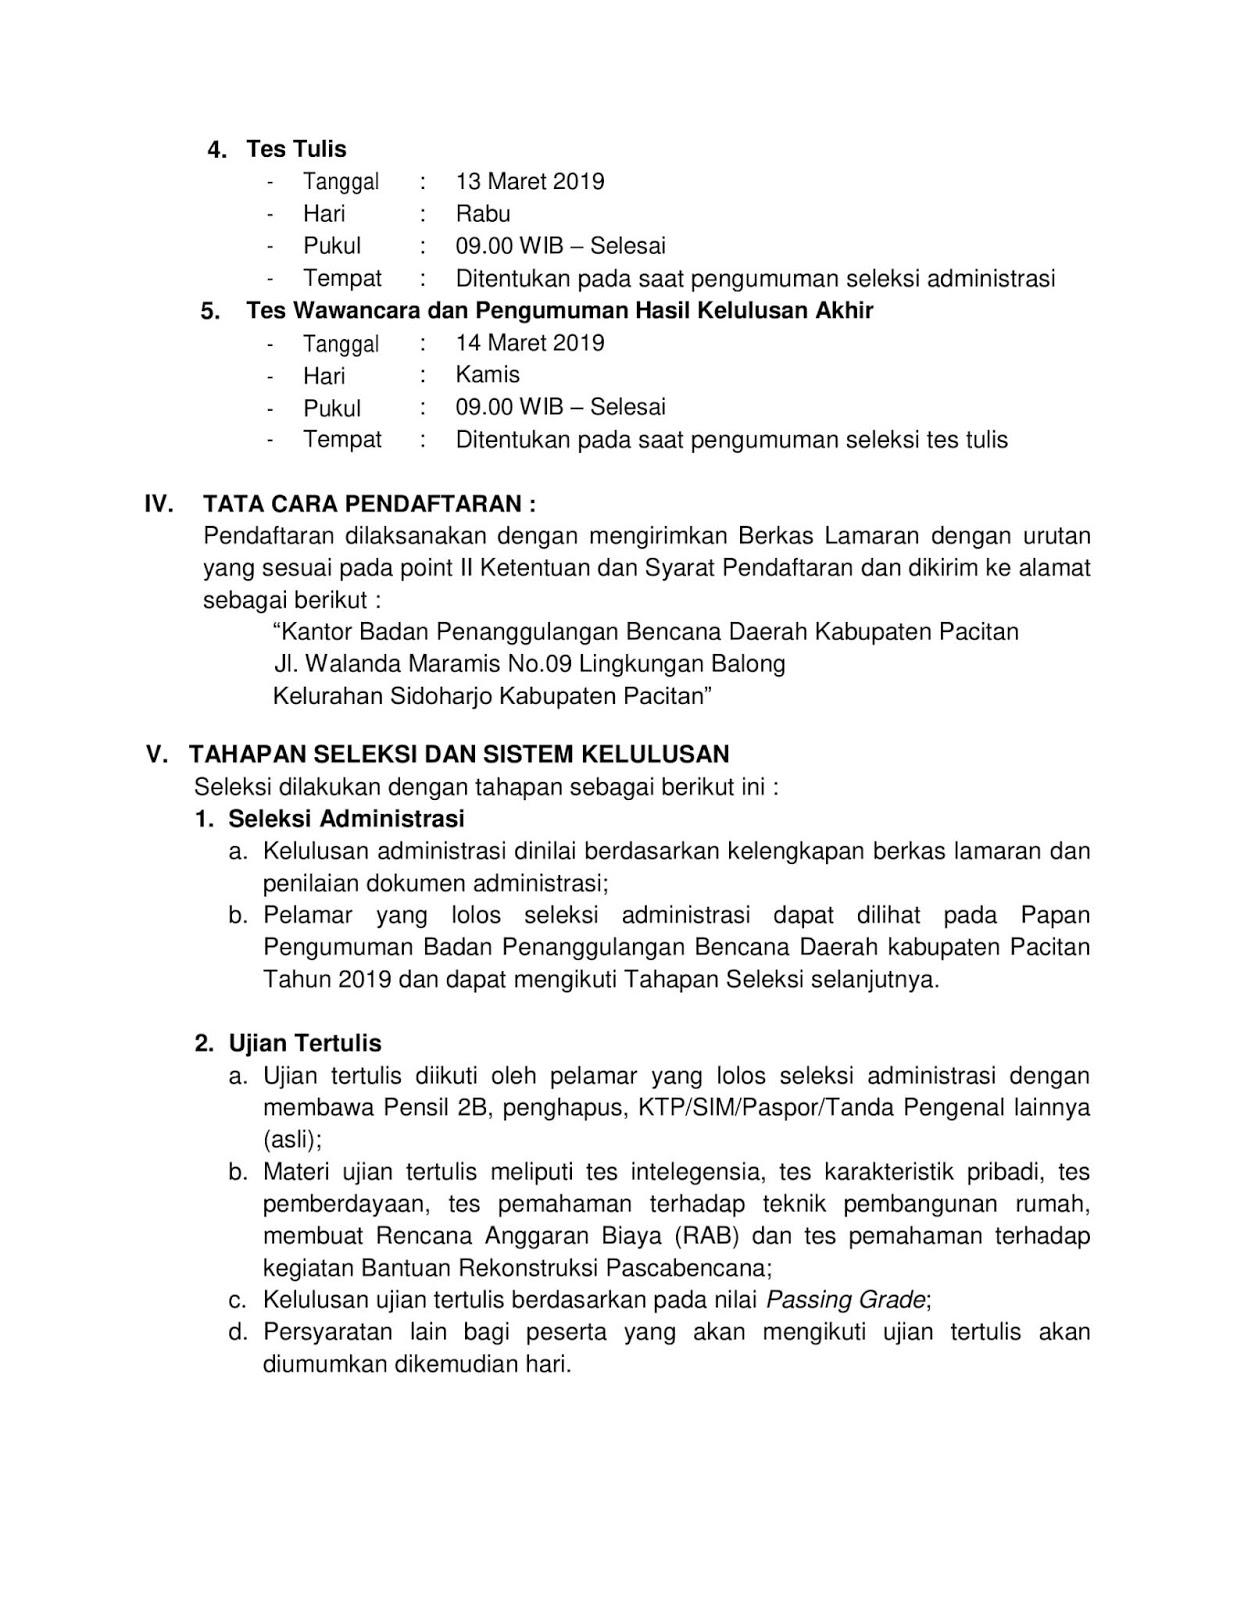 Lowongan Kerja Badan Penanggulangan Bencana Daerah Kabupaten Pacitan Maret 2019